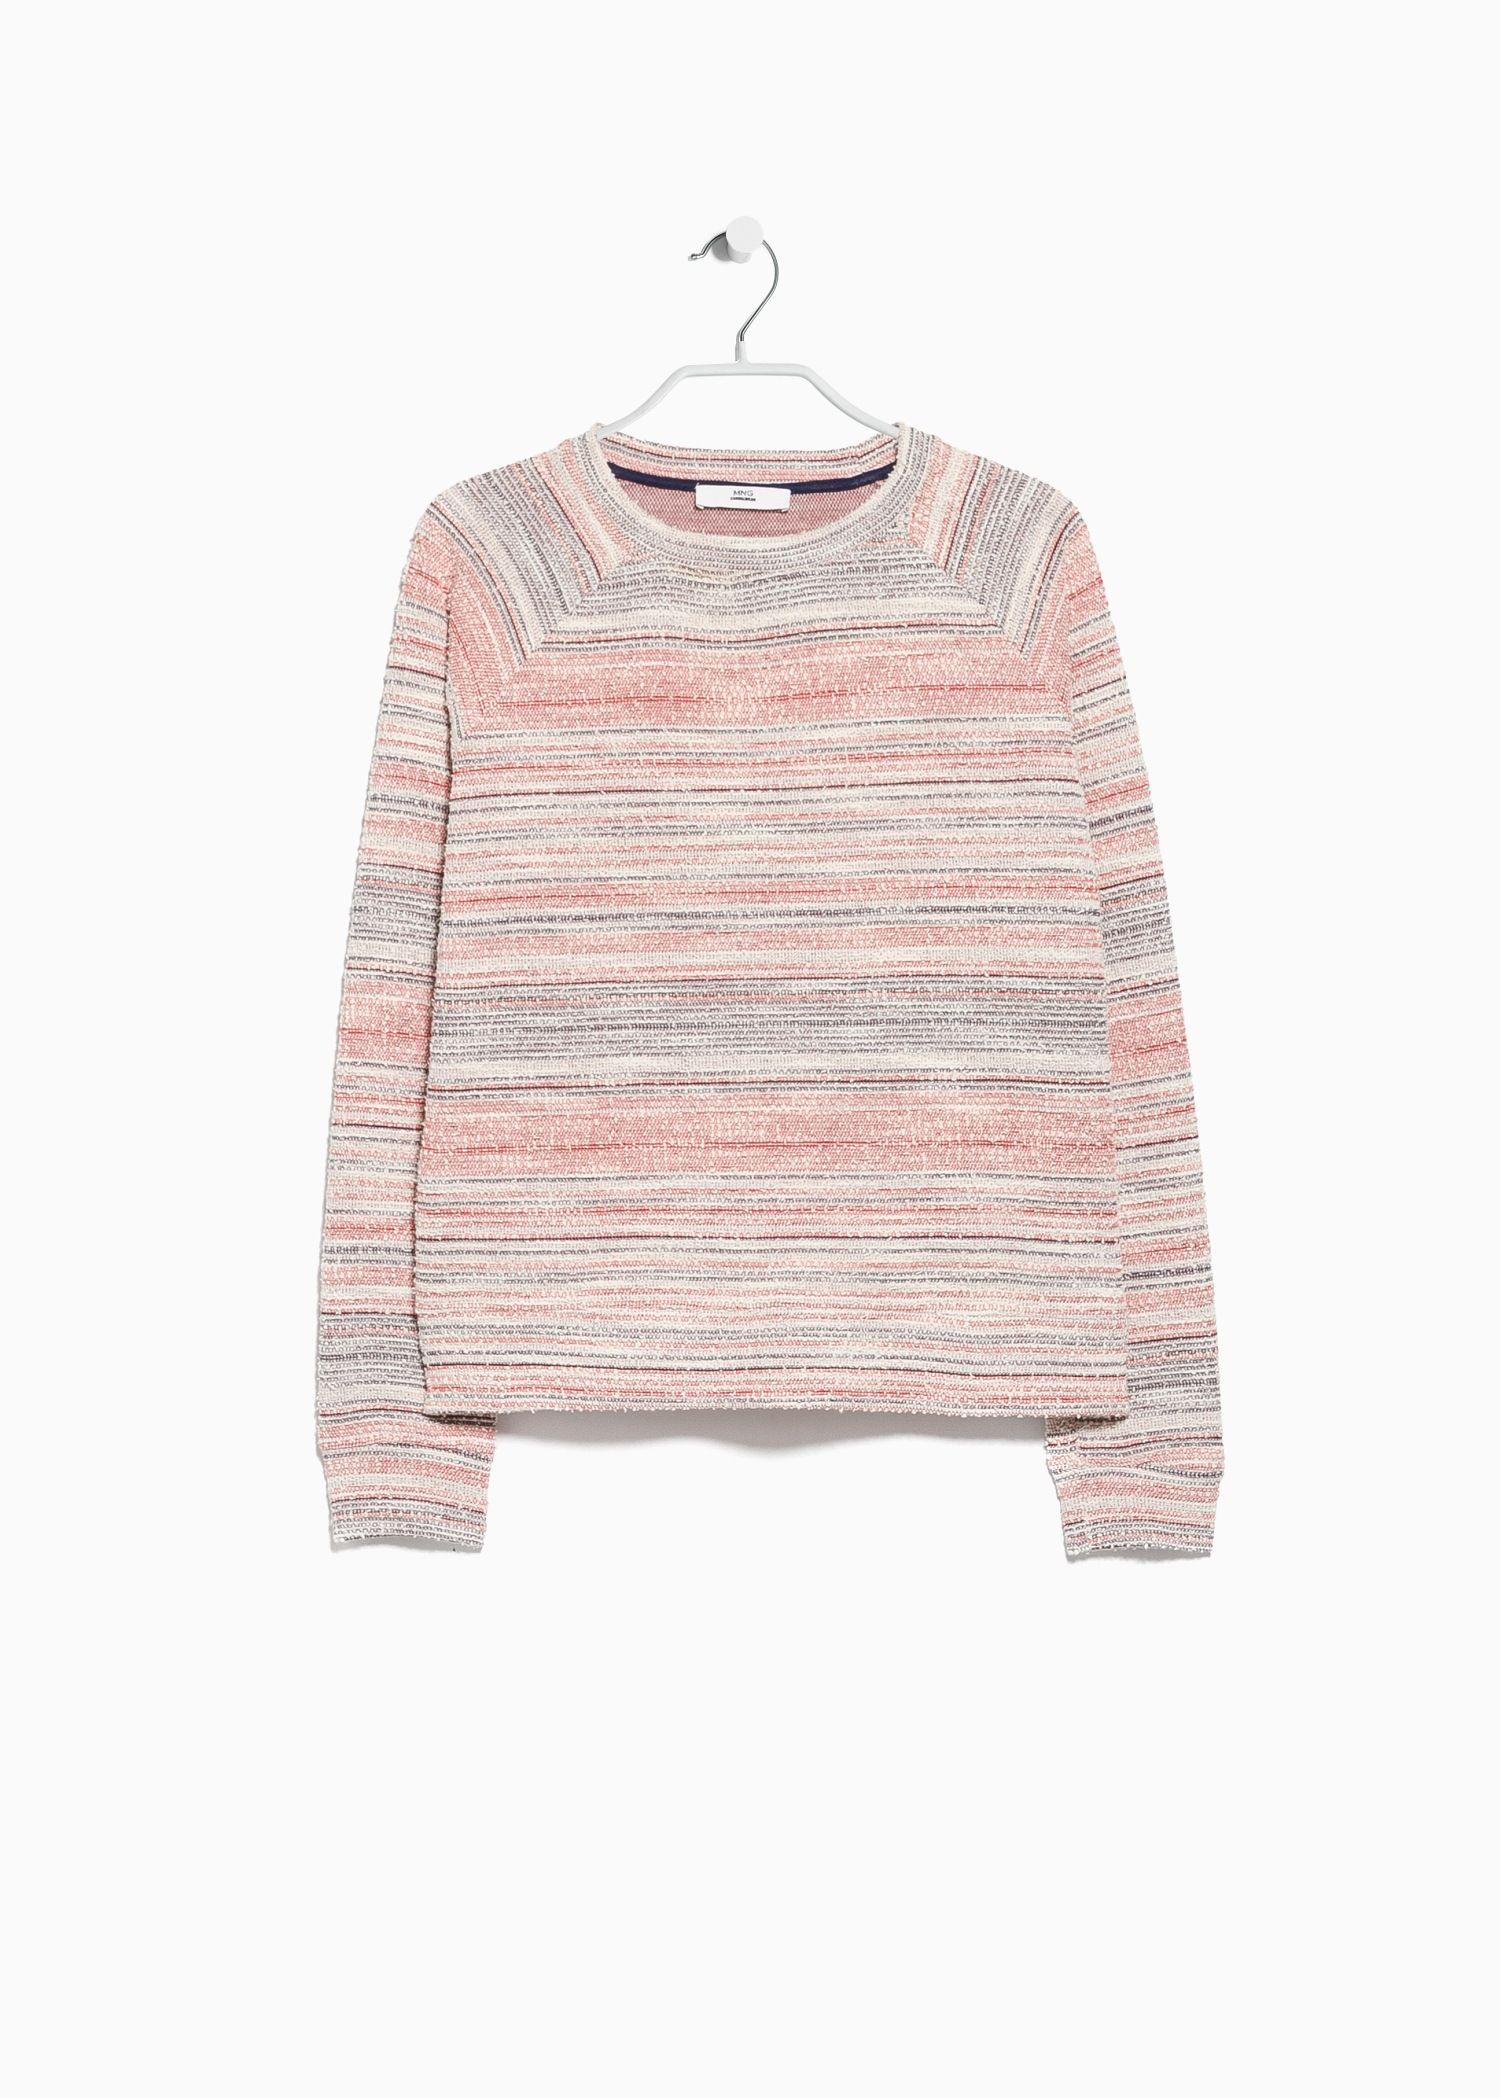 Sweatshirt retalas - Cardigans und pullover für Damen | MANGO